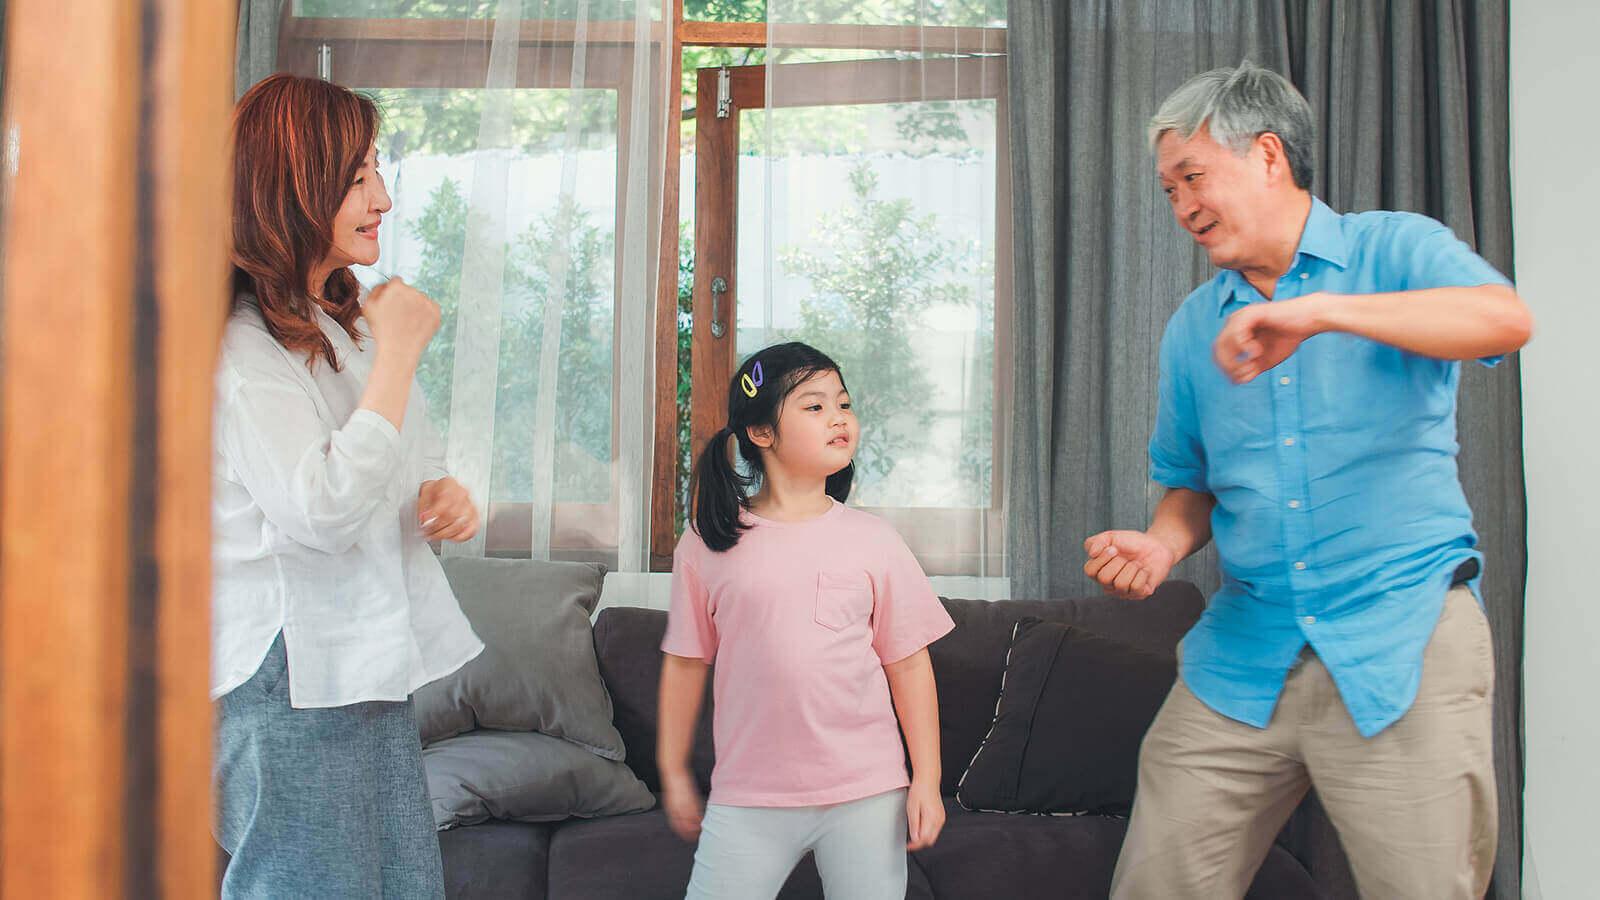 3 helppoa musiikkileikkiä pienelle lapselle